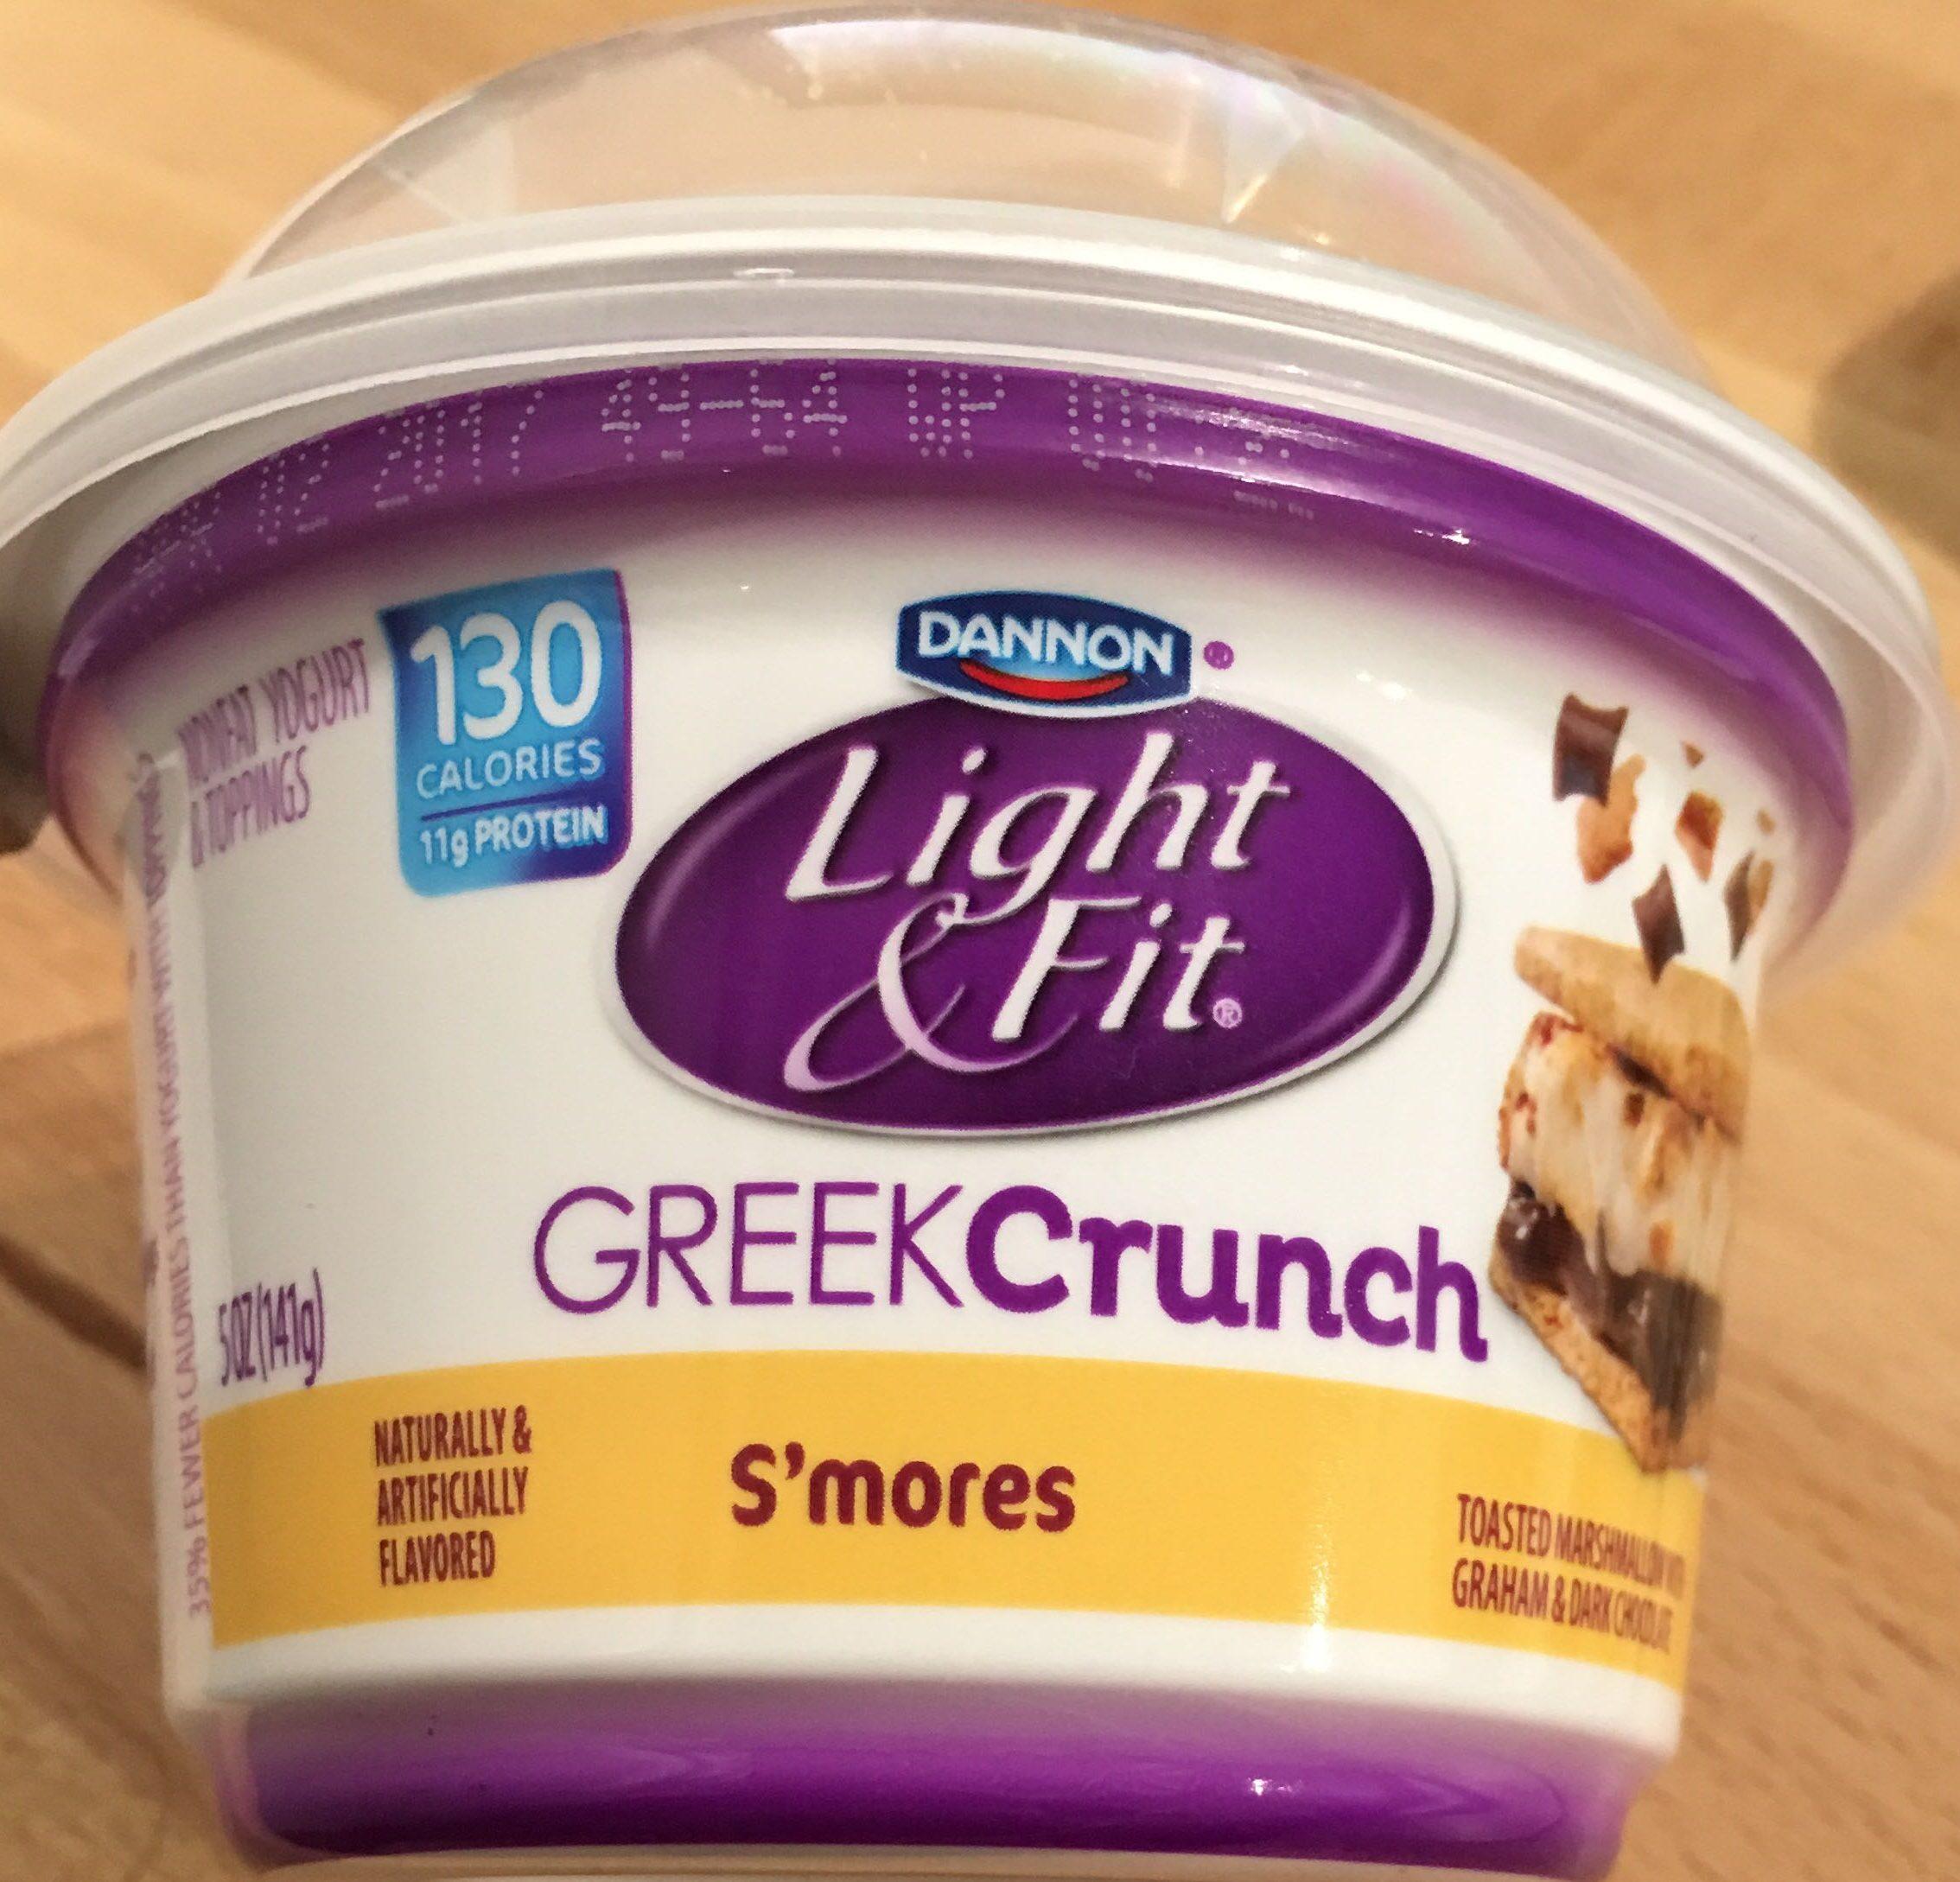 Light & Fit Greek Crunch - S'mores - Product - en